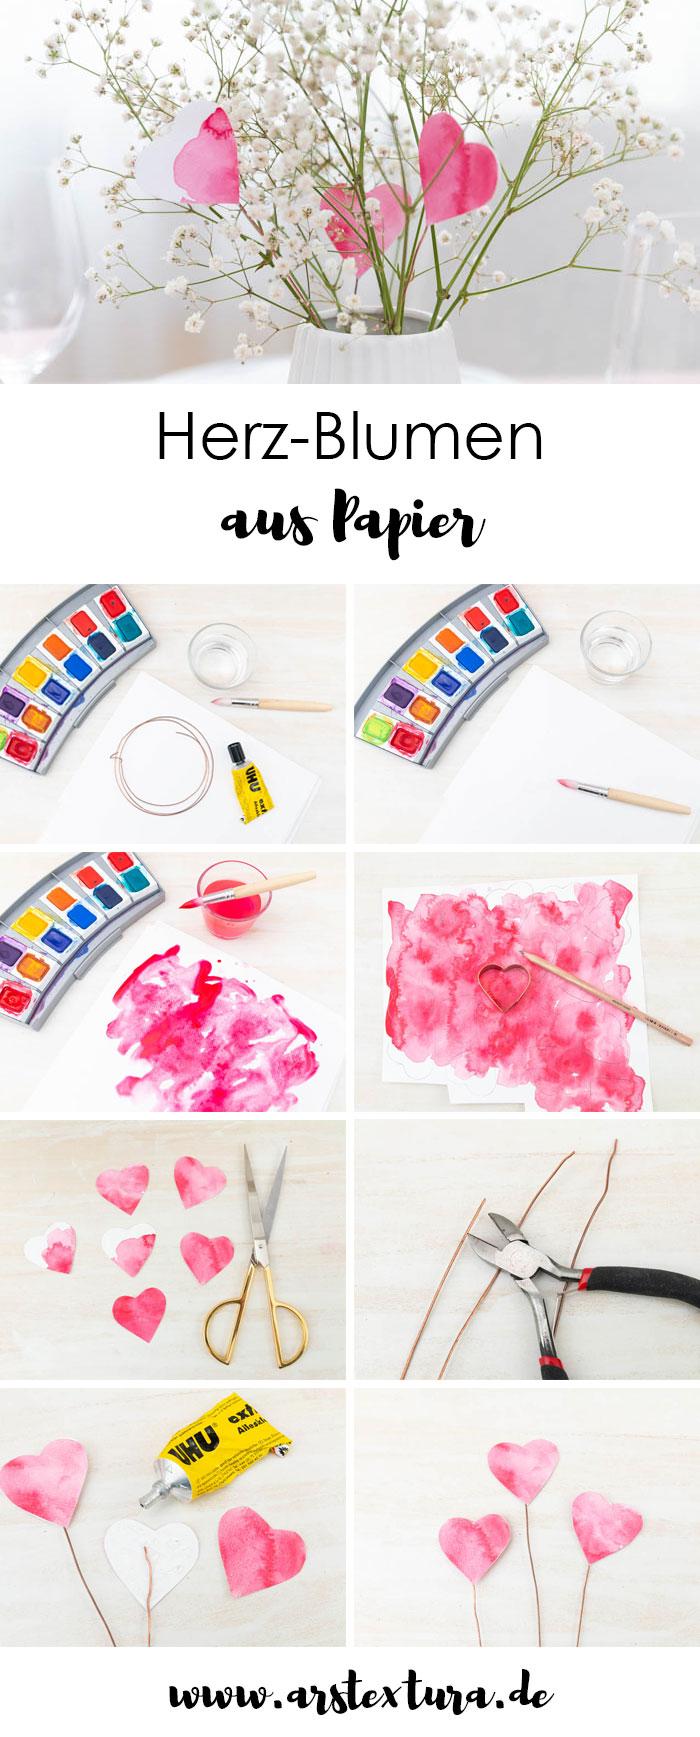 Valentinstag Deko: Herz-Blumen aus Papier basteln